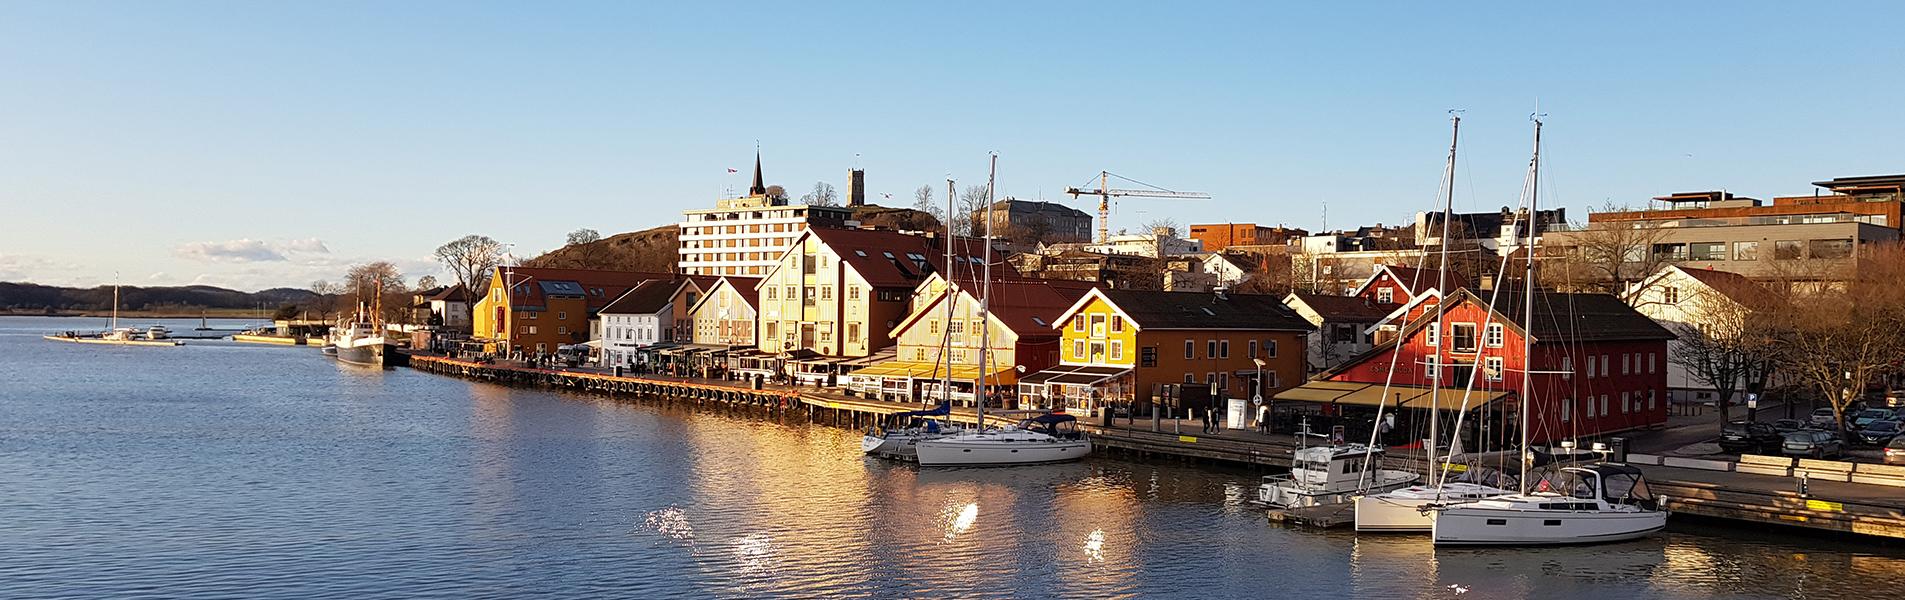 Bryggeområde i Tønsberg kommune